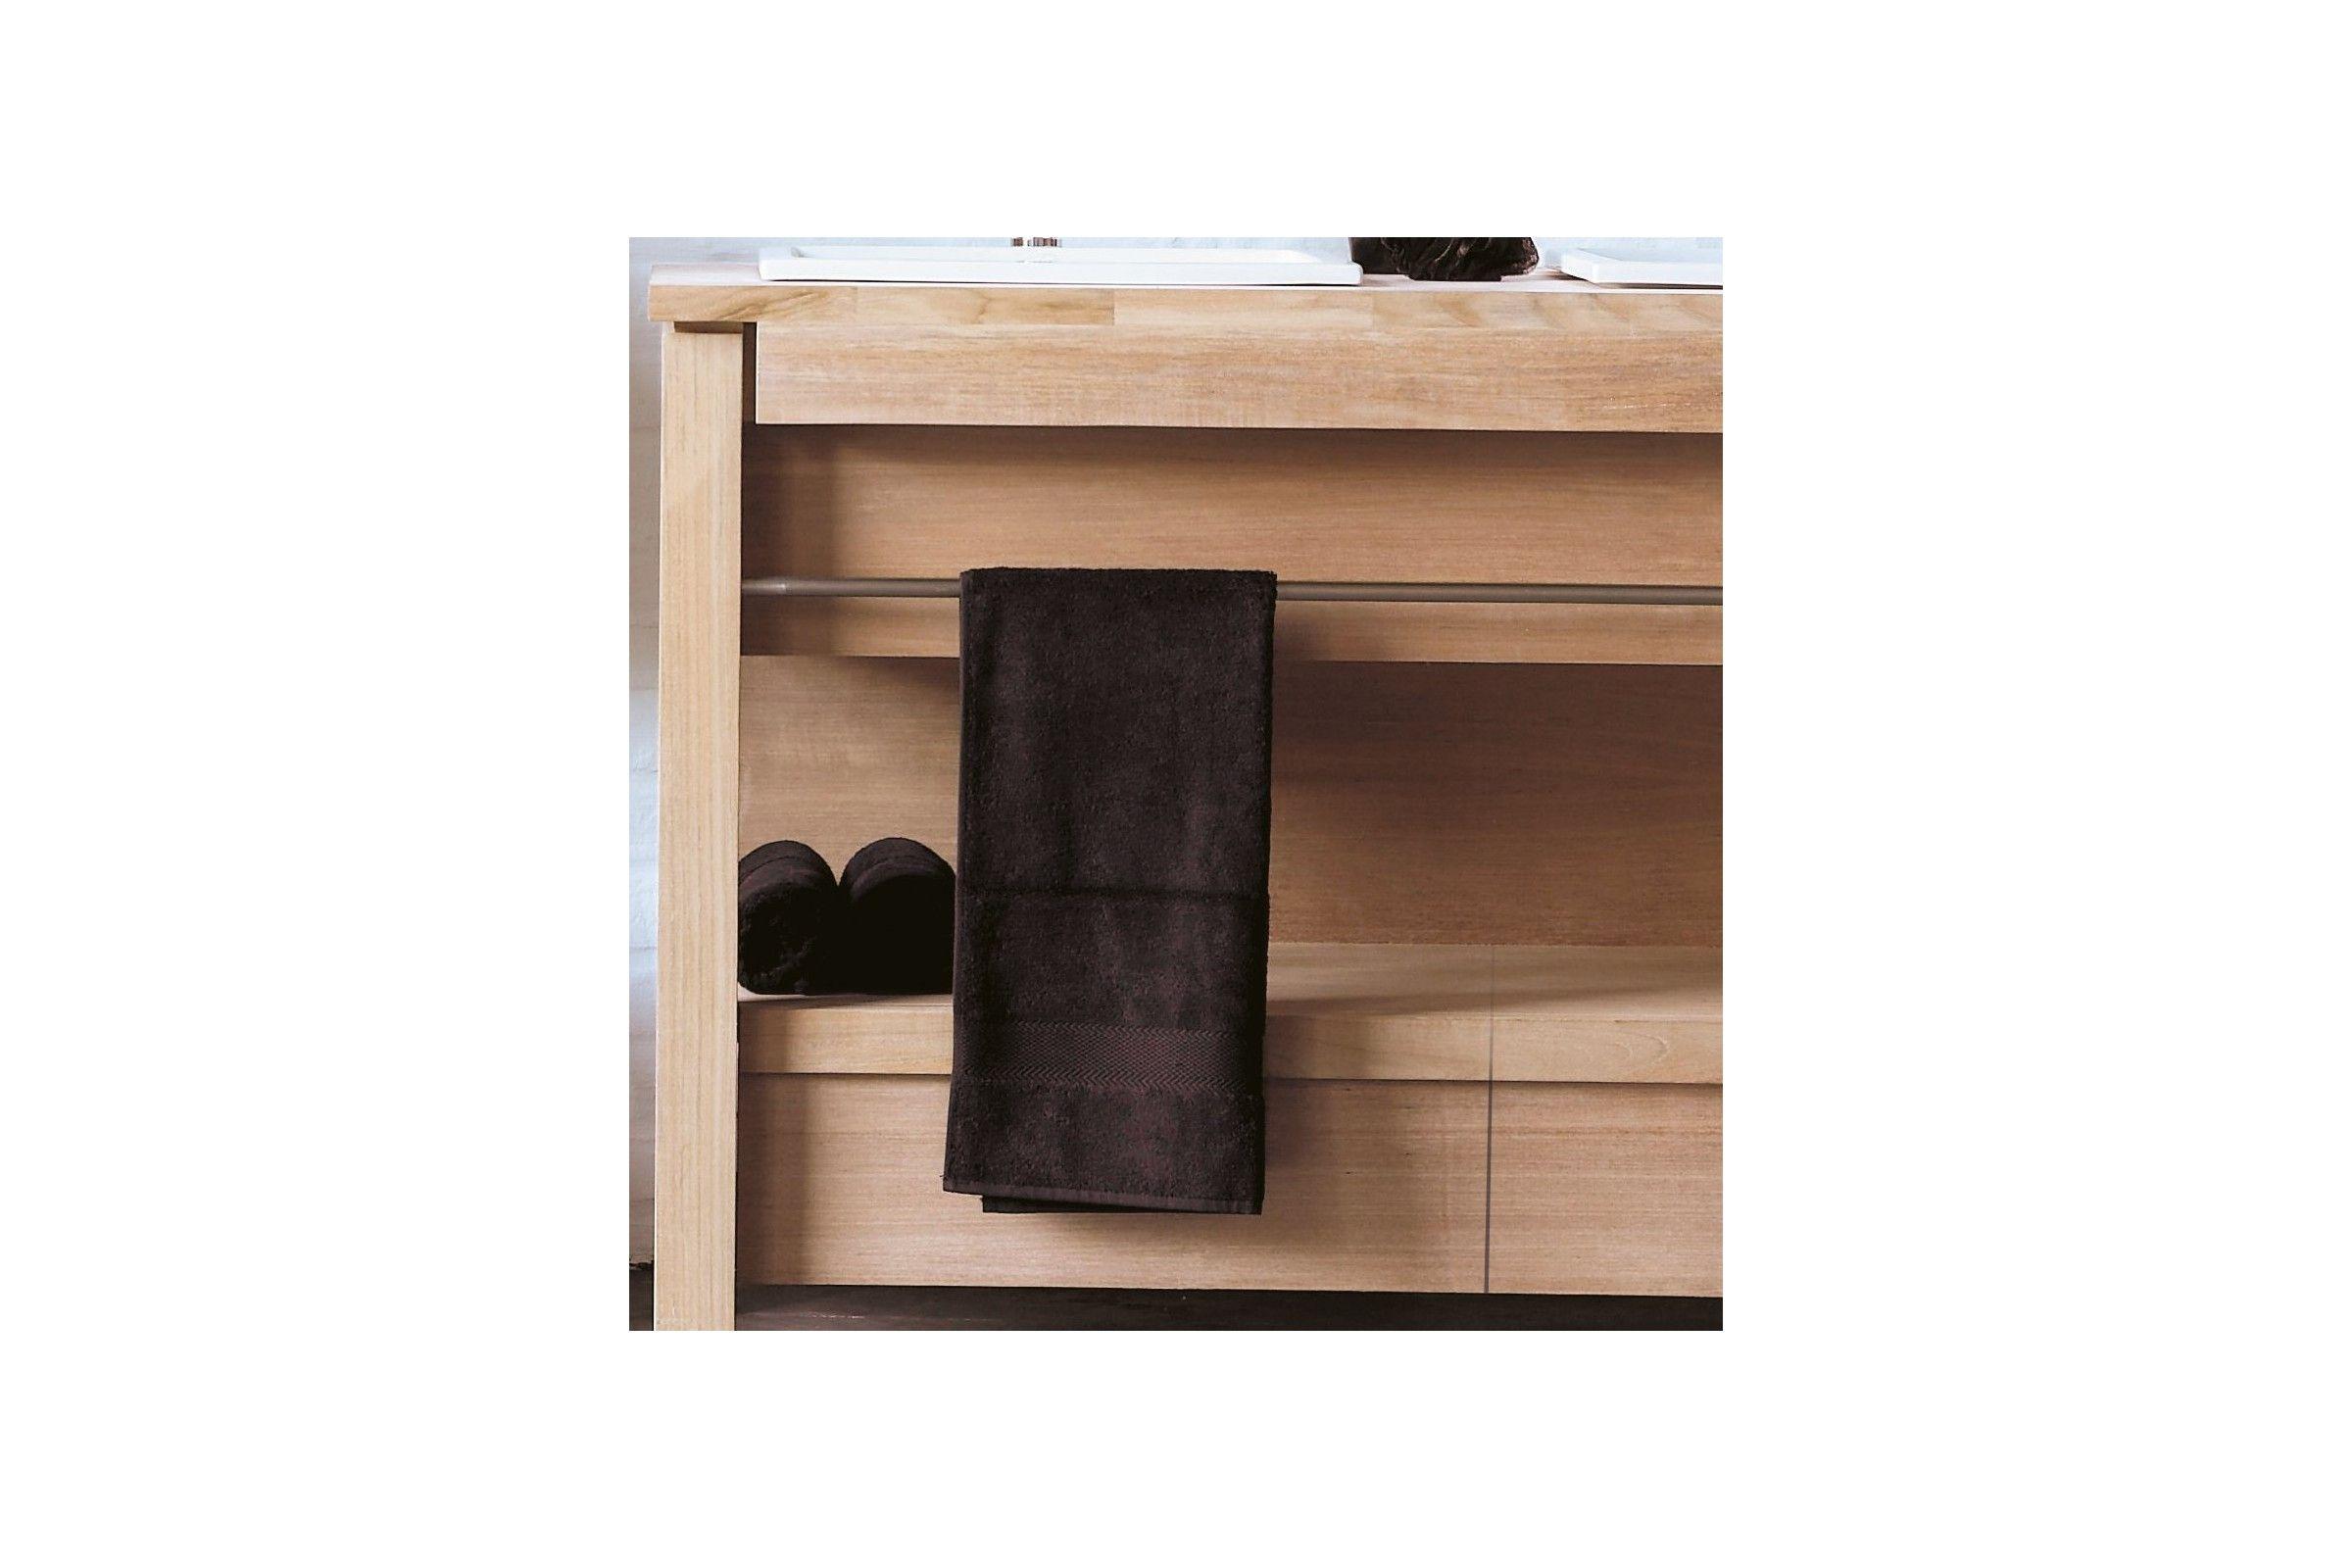 Meuble en teck massif 133 ou 165 cm pour 2 vasques encastrer line art la - Destockage meuble teck ...